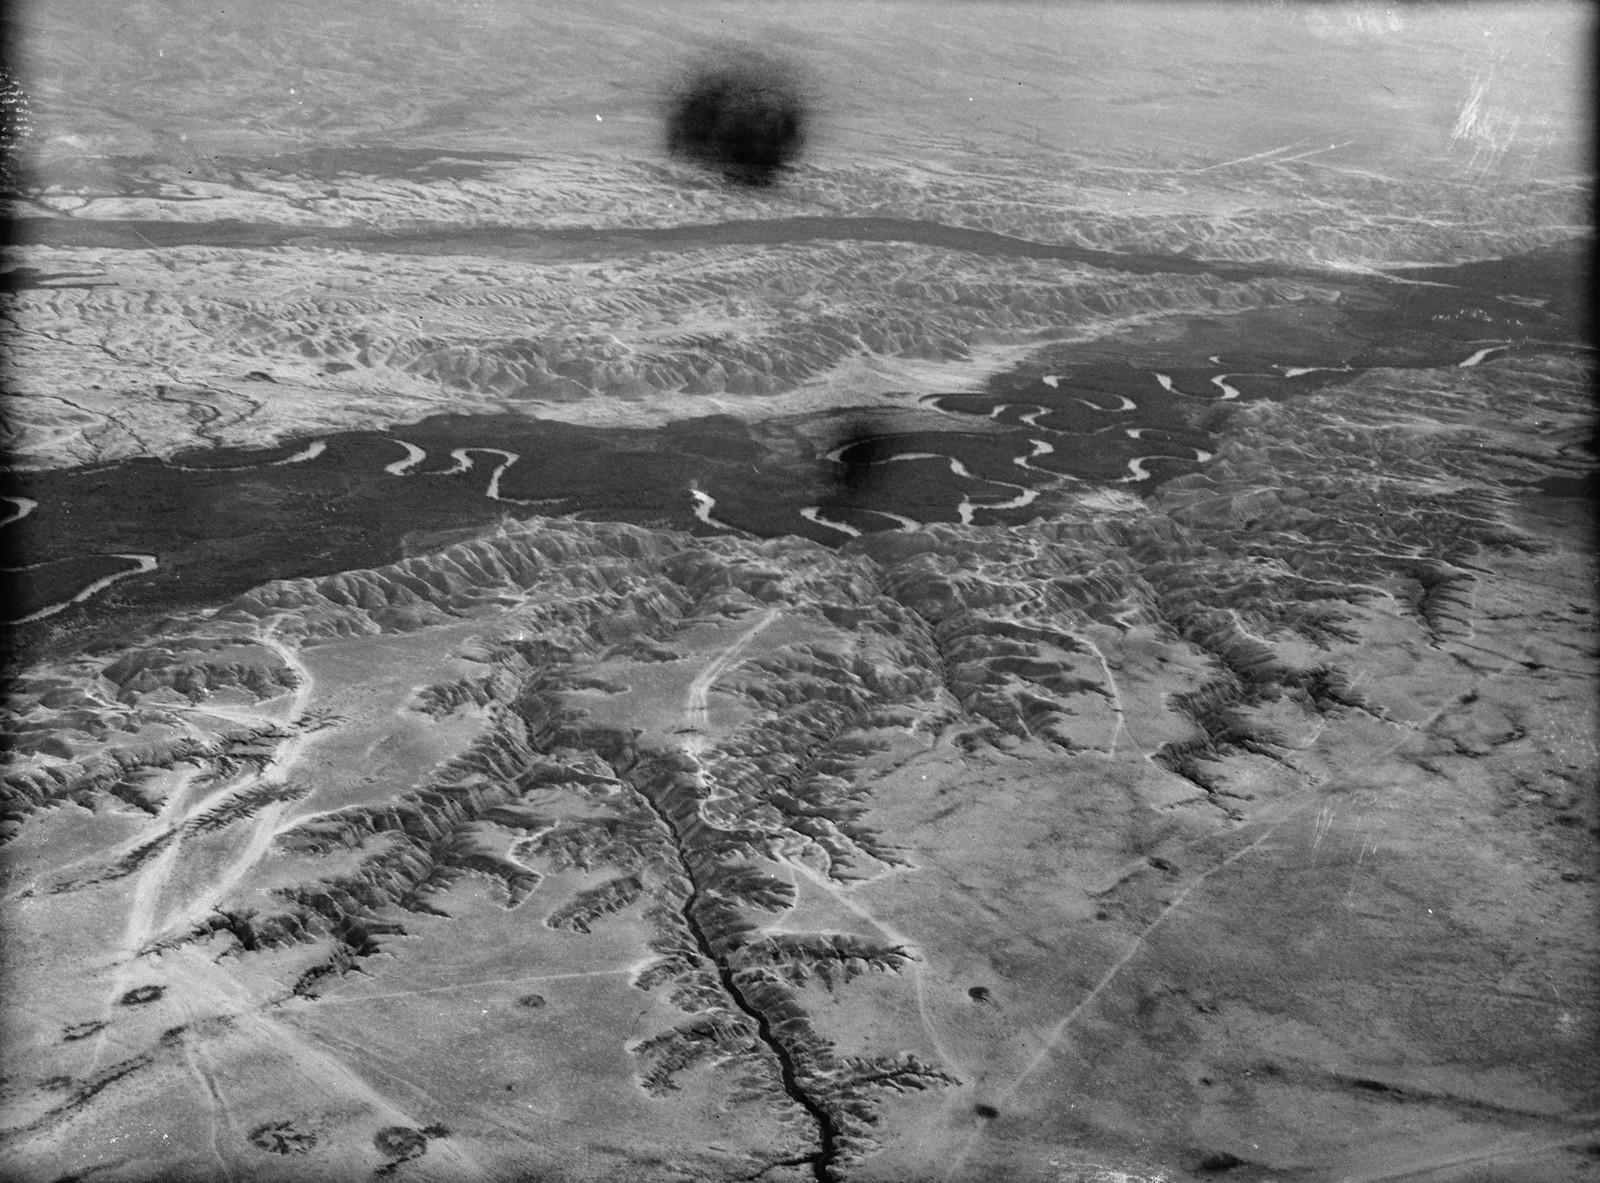 Полет на юг через Иорданский Разлом. Извилистое русло реки Иордан. Серебряная лента, описывающая круги и двойные повороты, показывающие соединение Jabbok на расстоянии